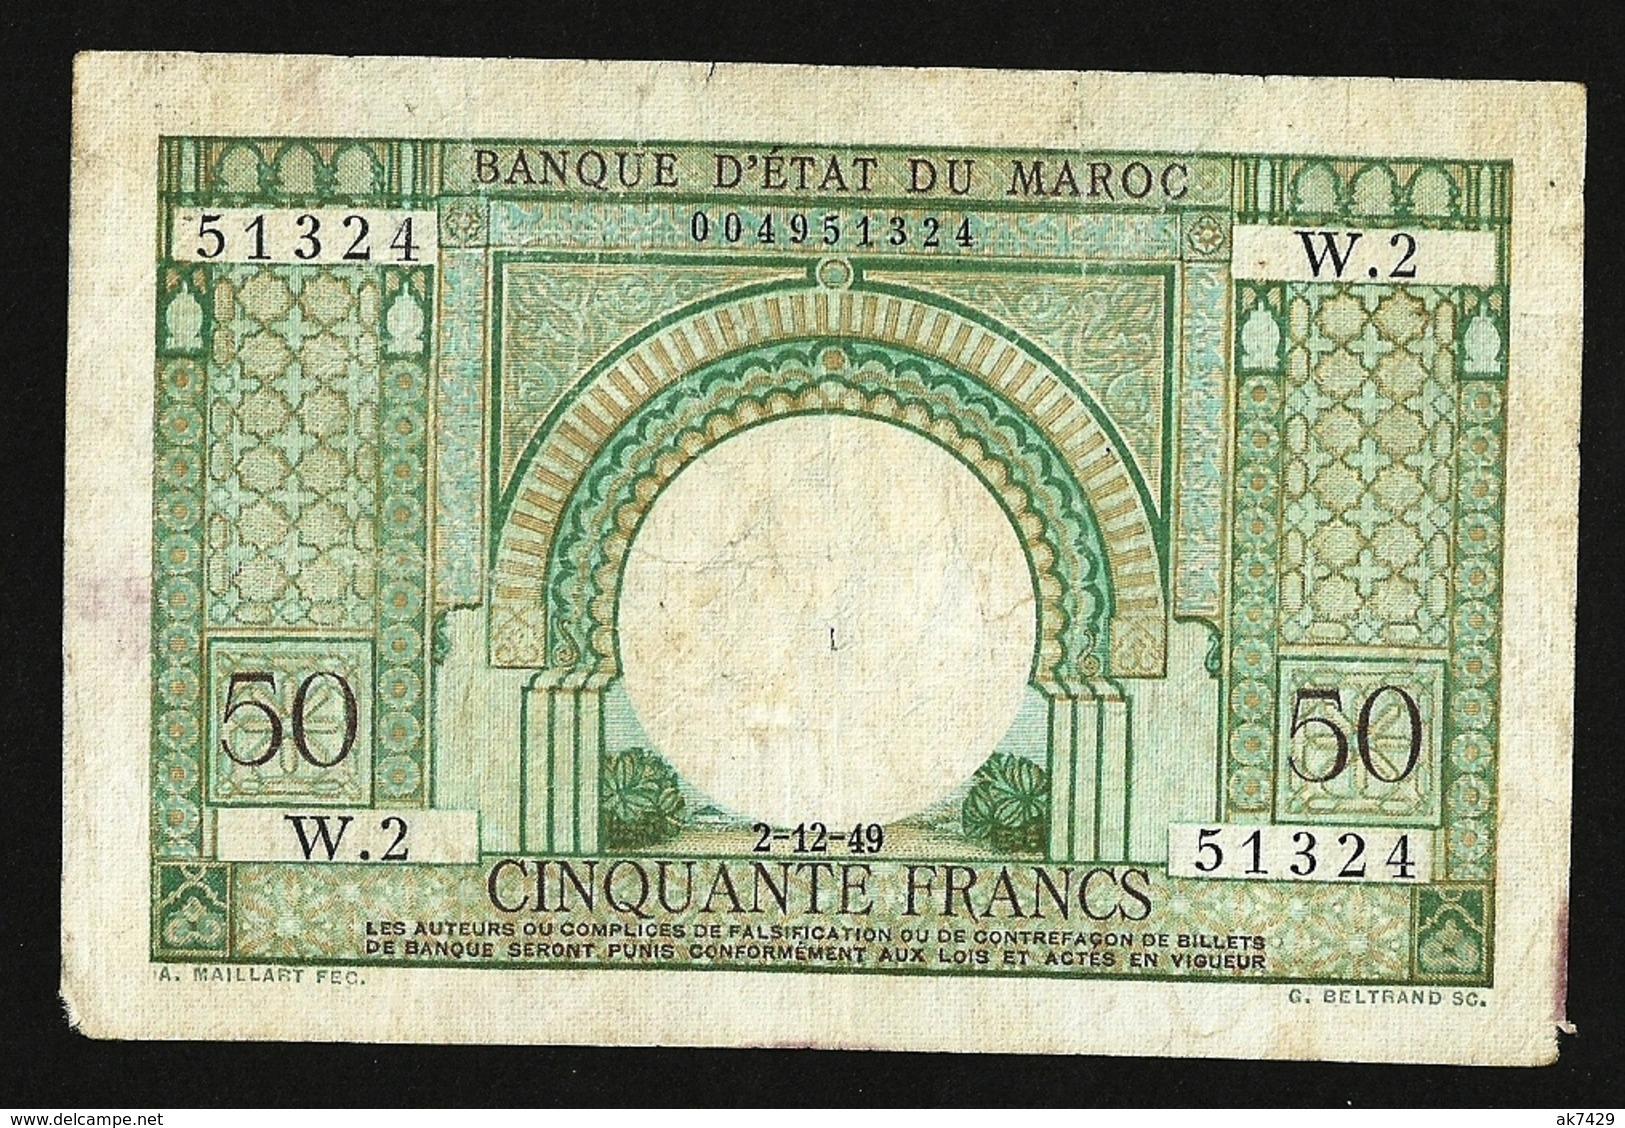 MOROCCO MAROKKO BANQUE D'ETAT MAROC 50 FRANCS  1949 FINE+ P#44 - Maroc